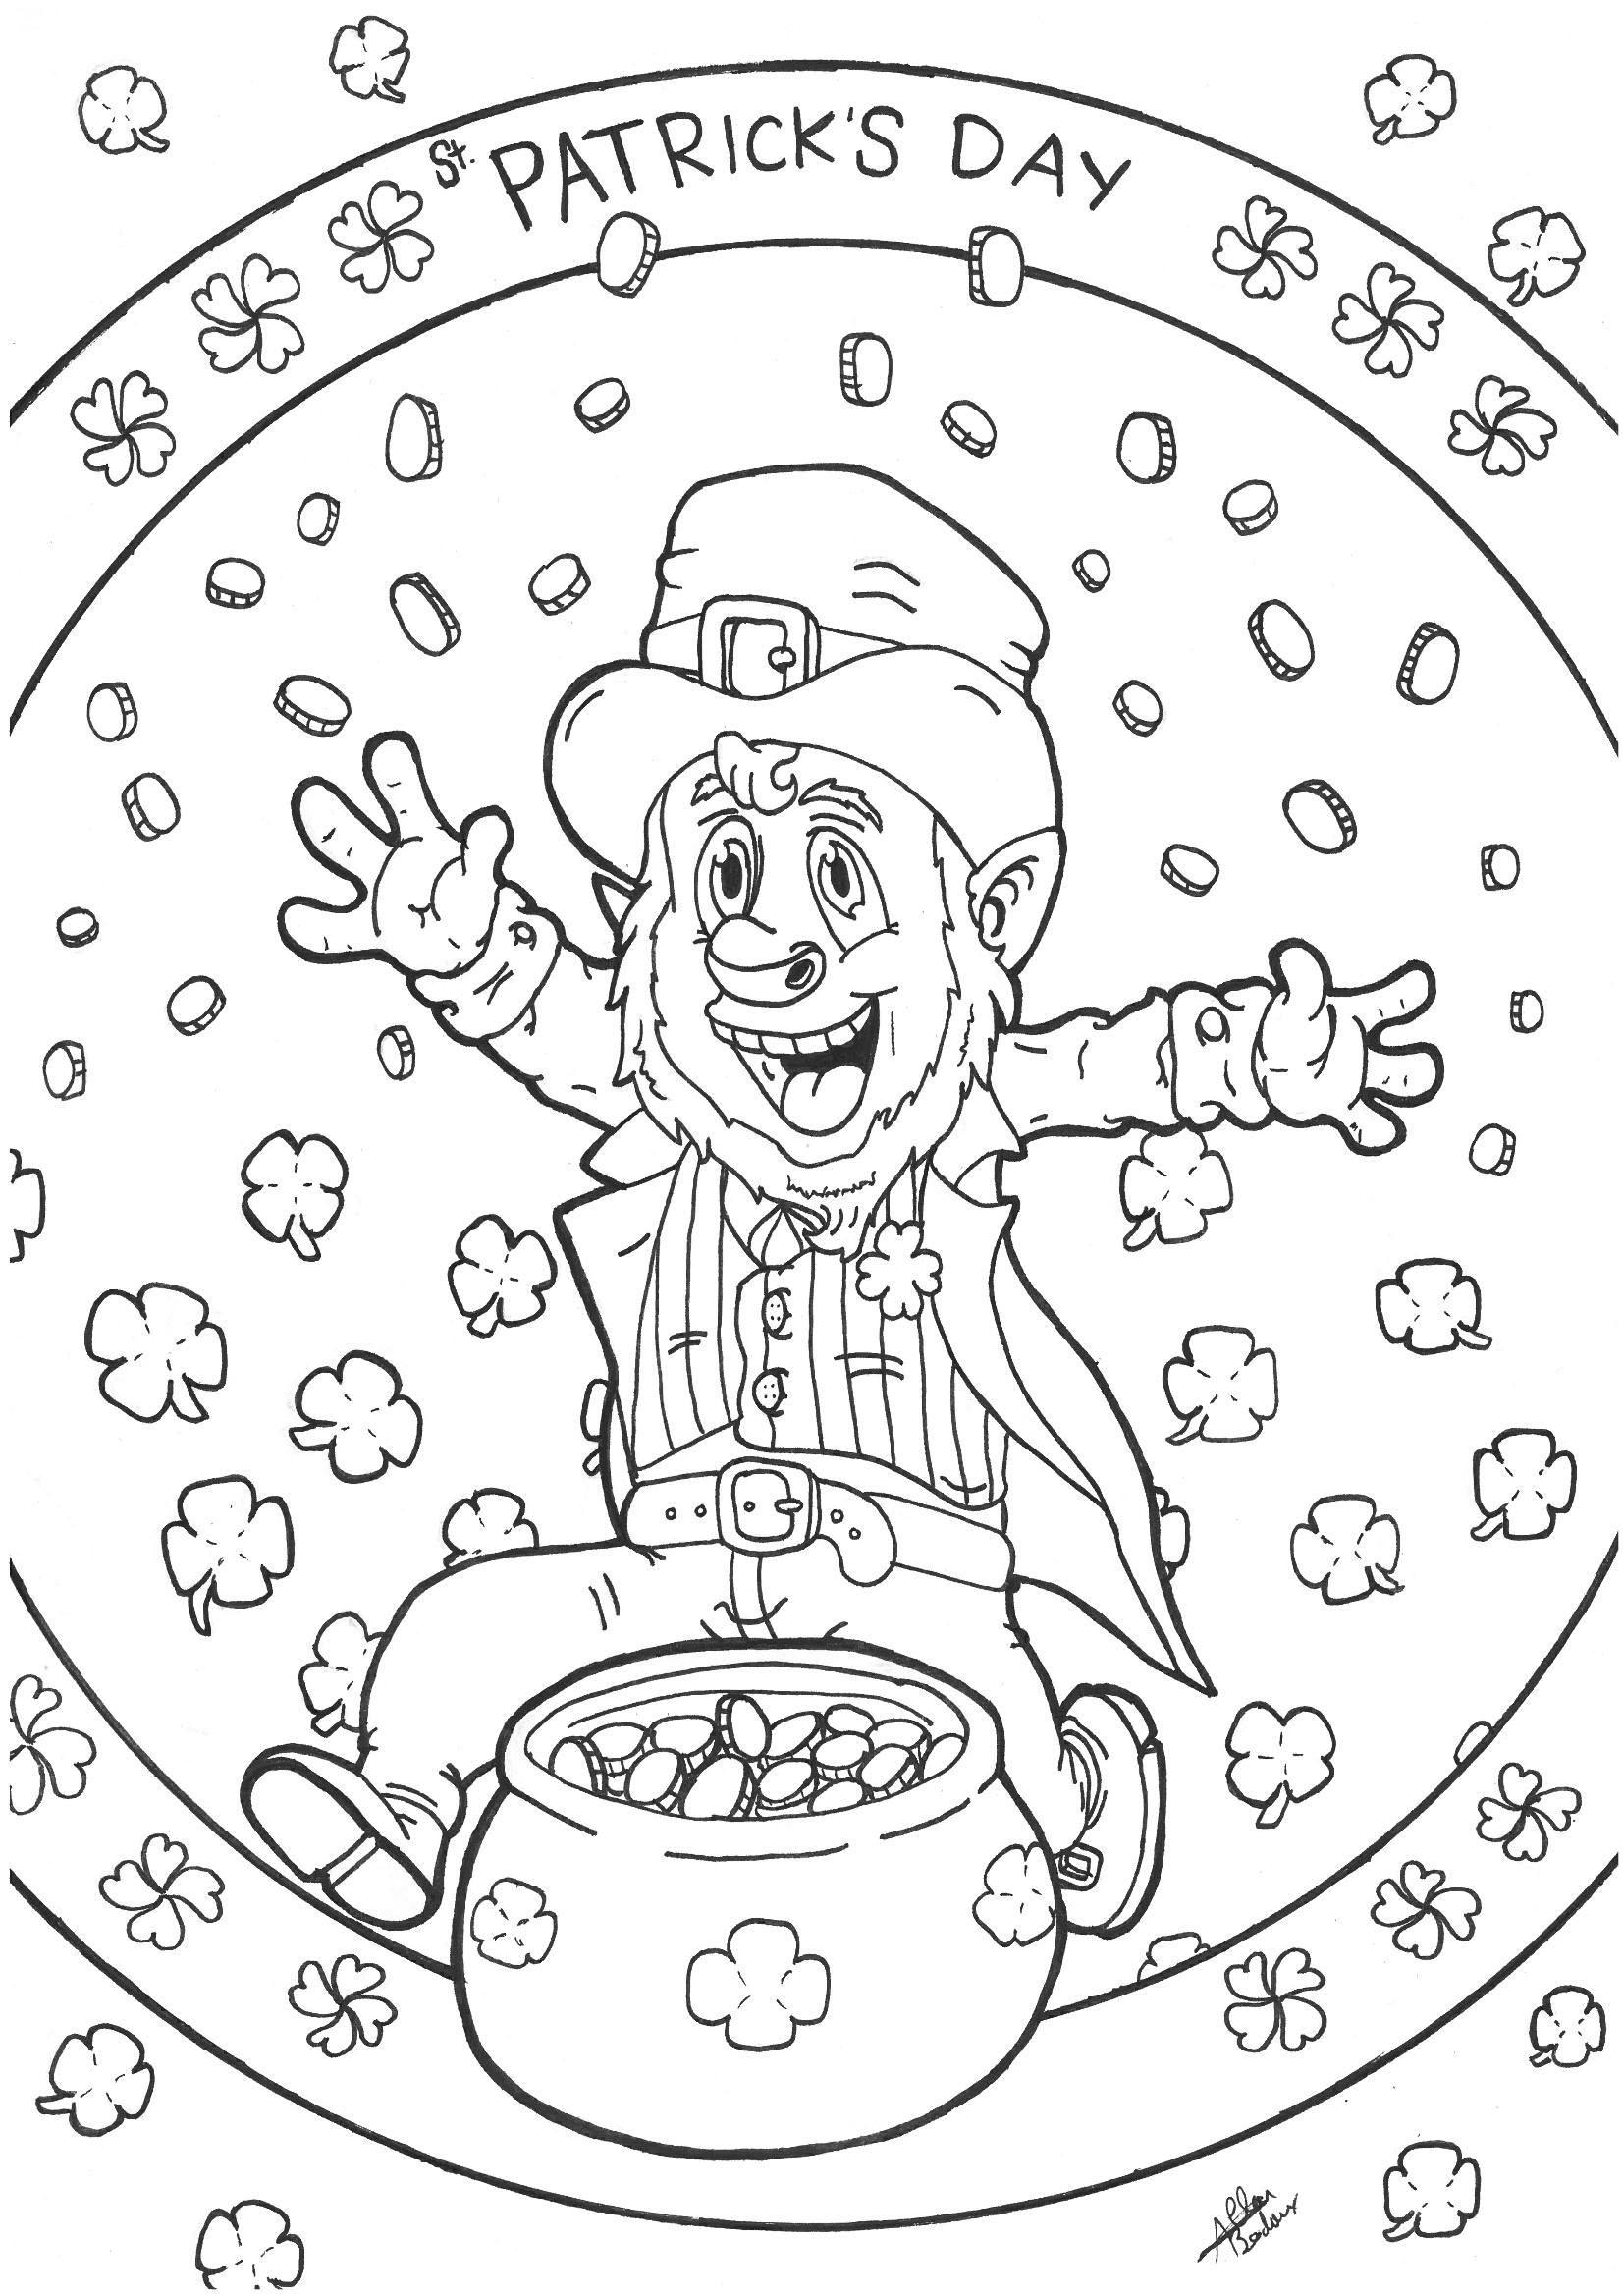 Coloriage d un Leprechaun célébrant la Saint Patrick s Day avec son chaudron rempli de pi¨ces